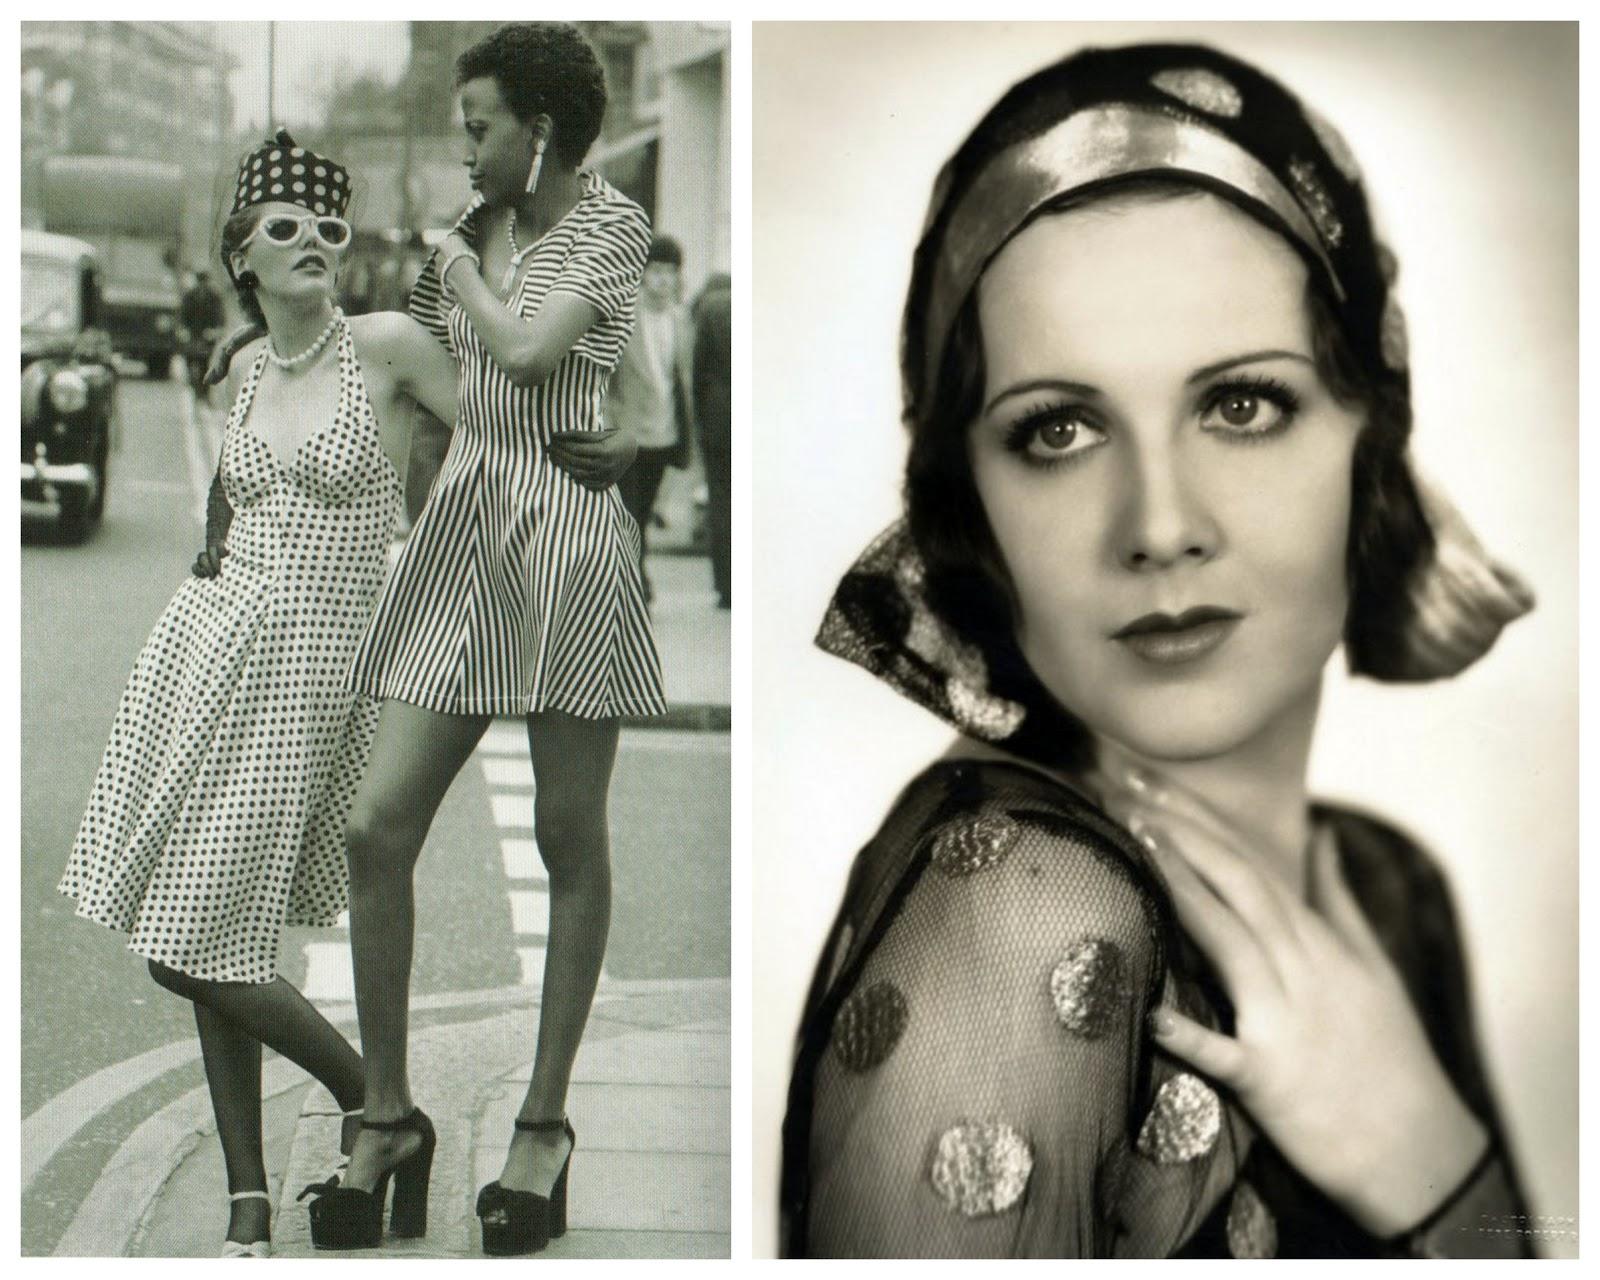 Стефания бруни в частных истории 2 фотография